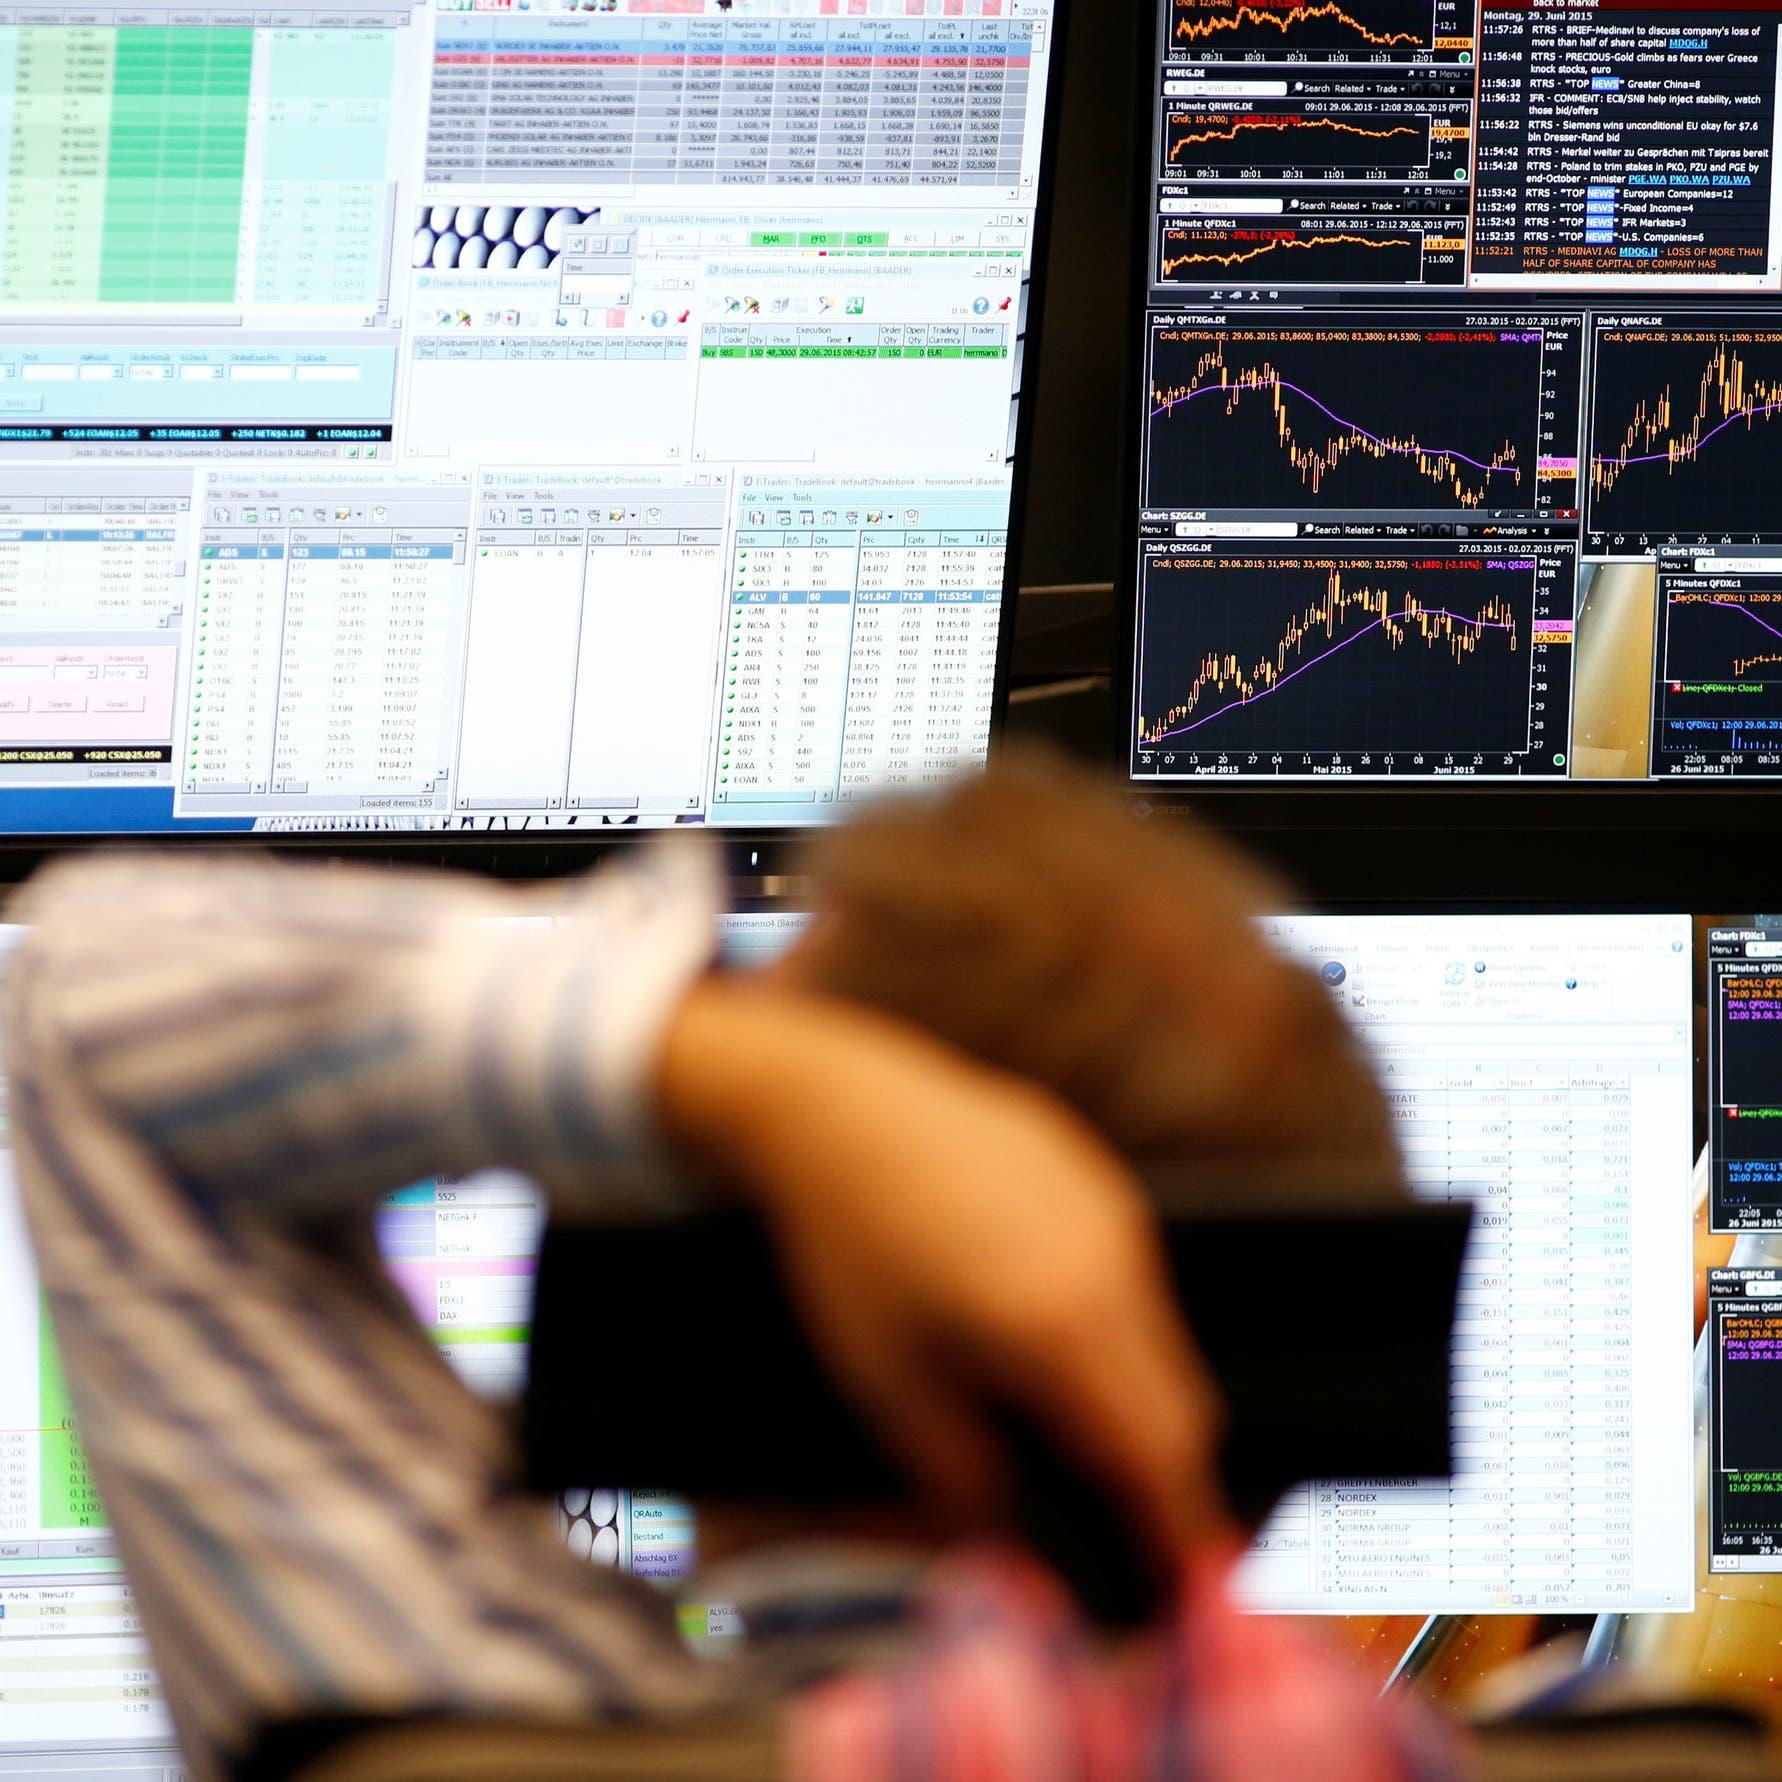 أسواق أوروبا مستقرة رغم قوة نتائج البنوك